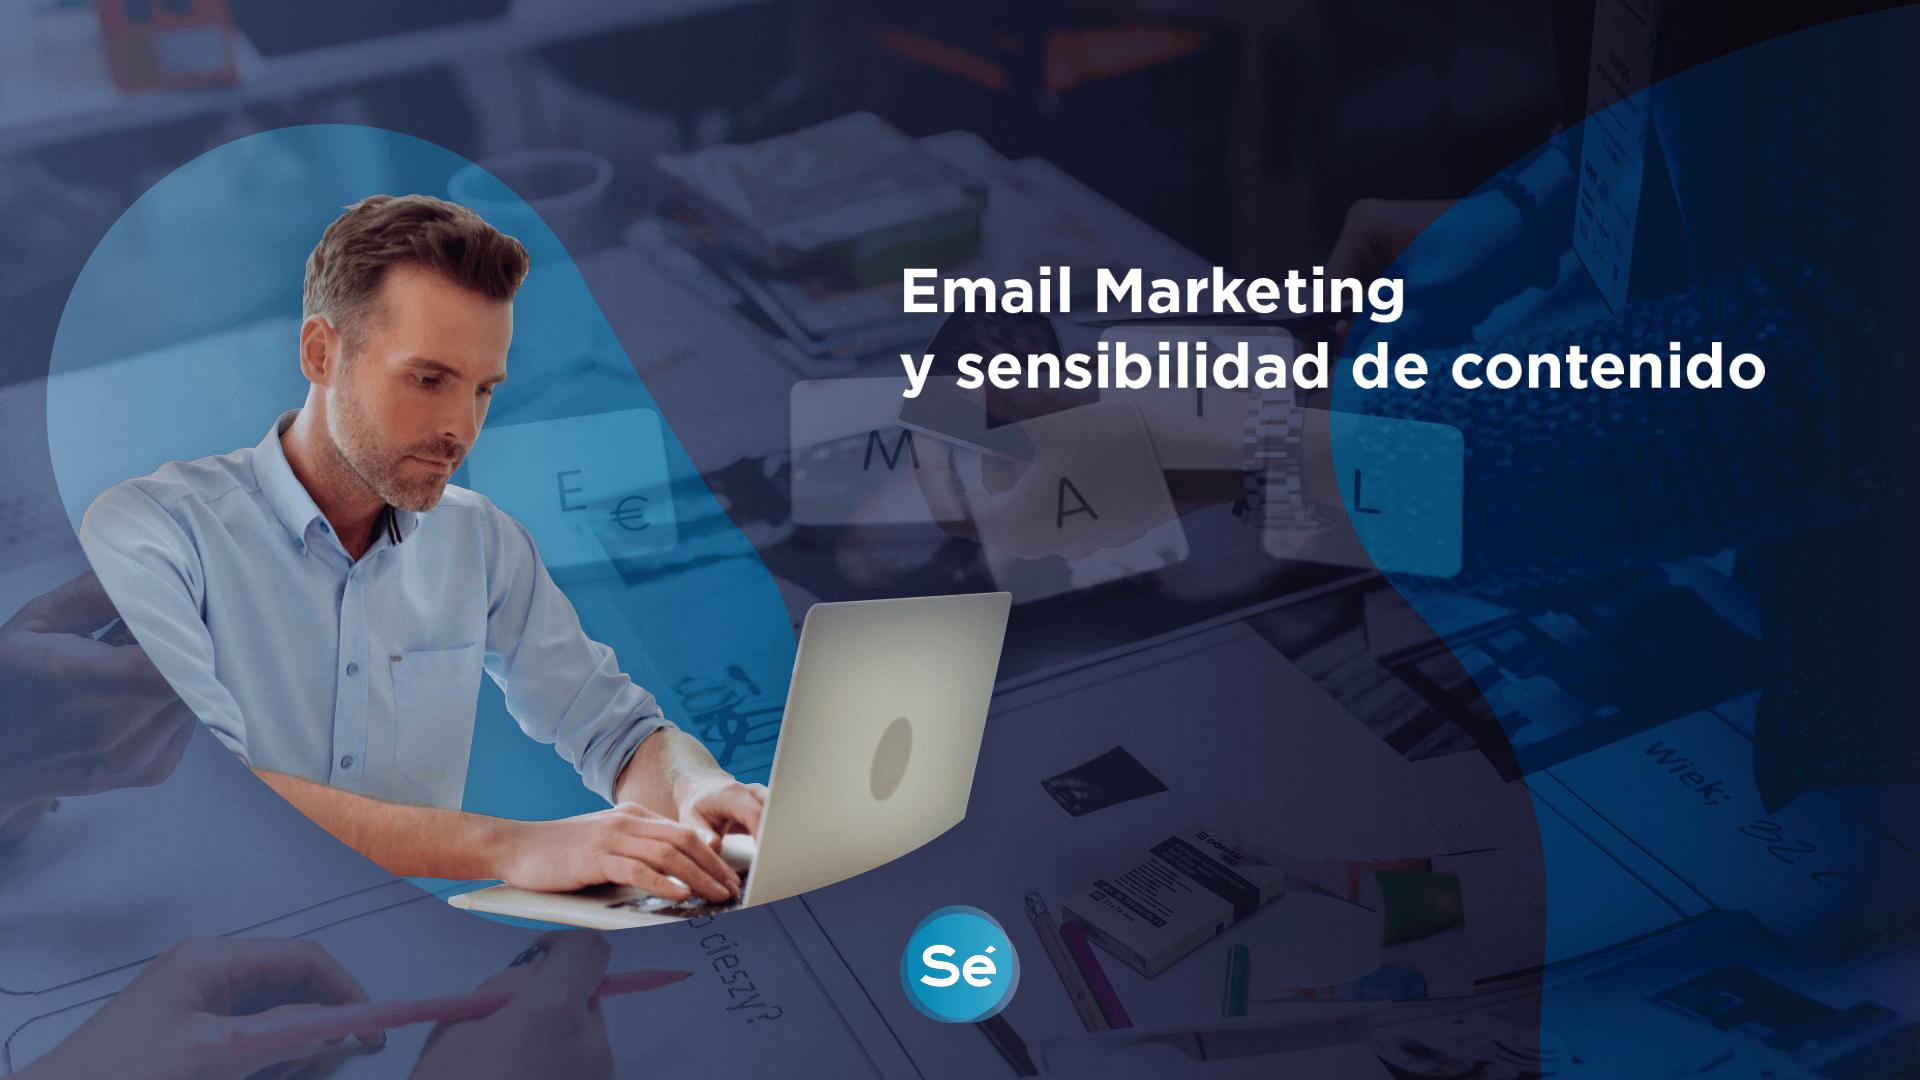 Email Marketing y sensibilidad de contenido